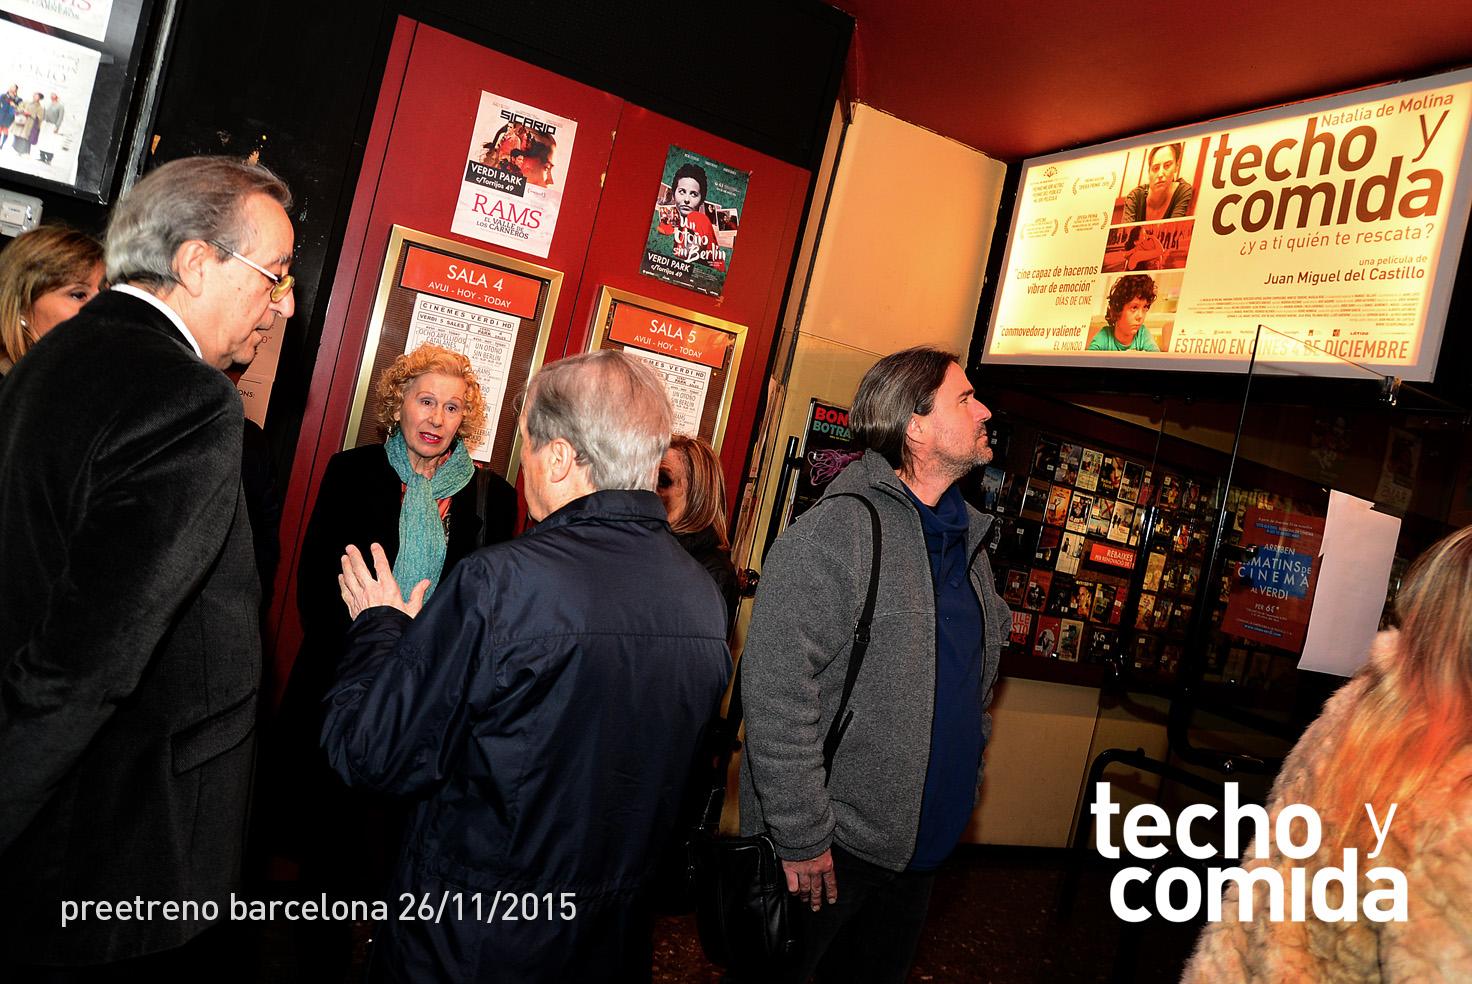 Barcelona_004_Techo y comida